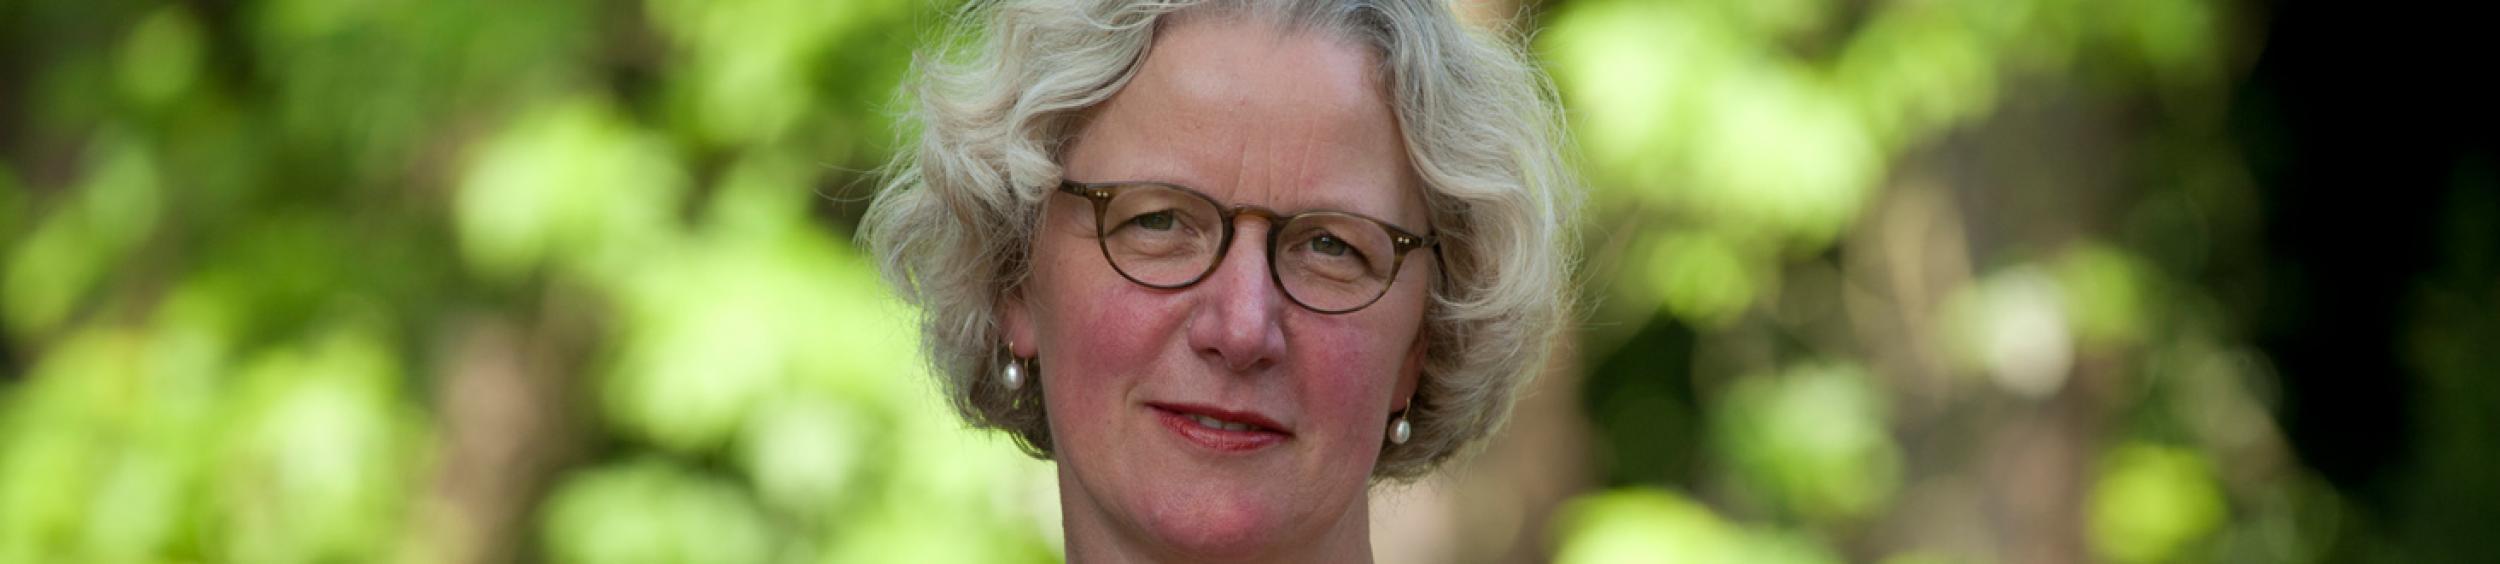 Christiane Betting, Gleichstellungsbeauftragte der Stadt Gescher